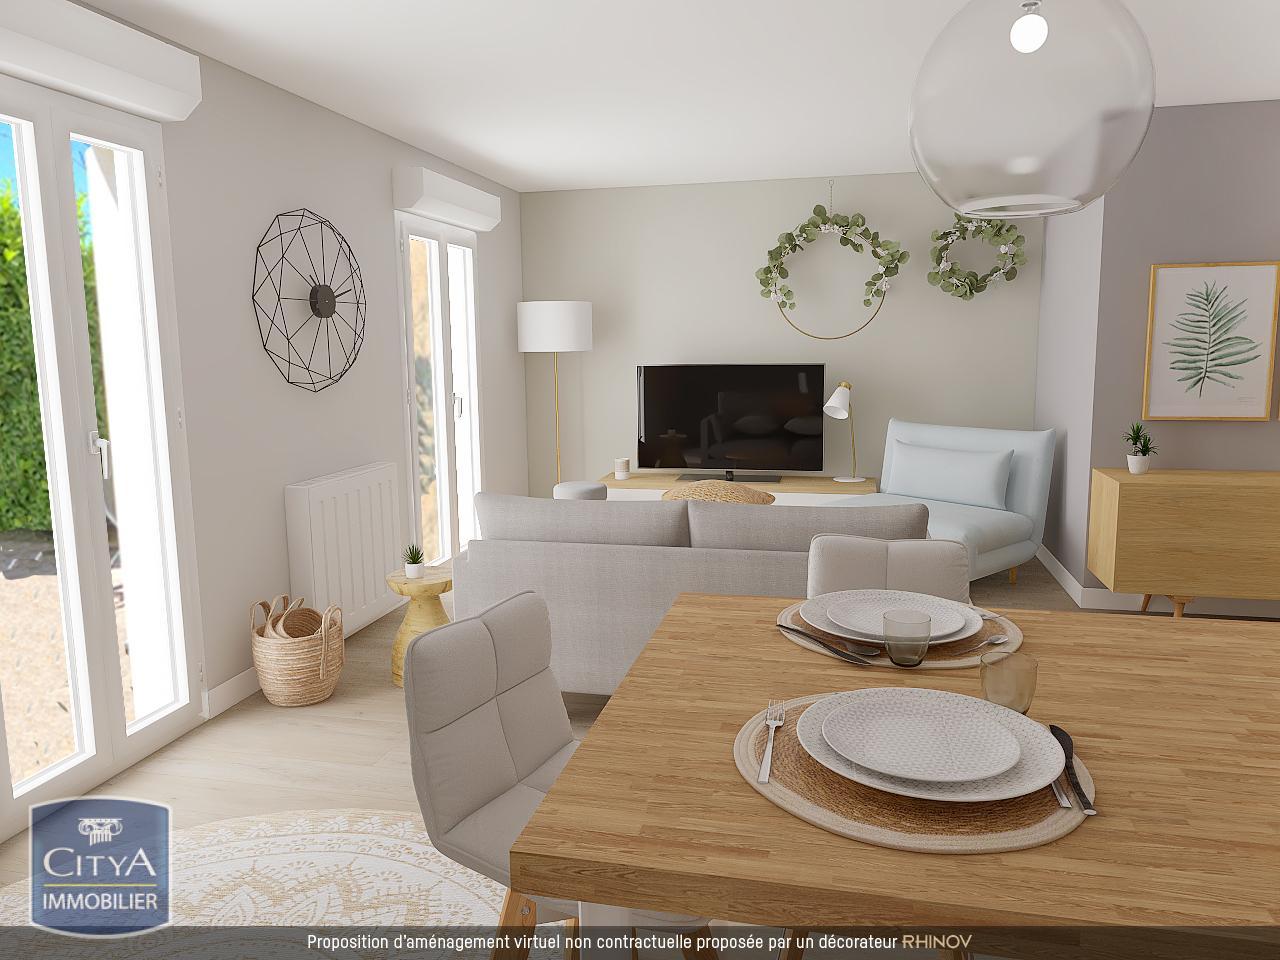 Maison/villa 4 pièces 91 m²